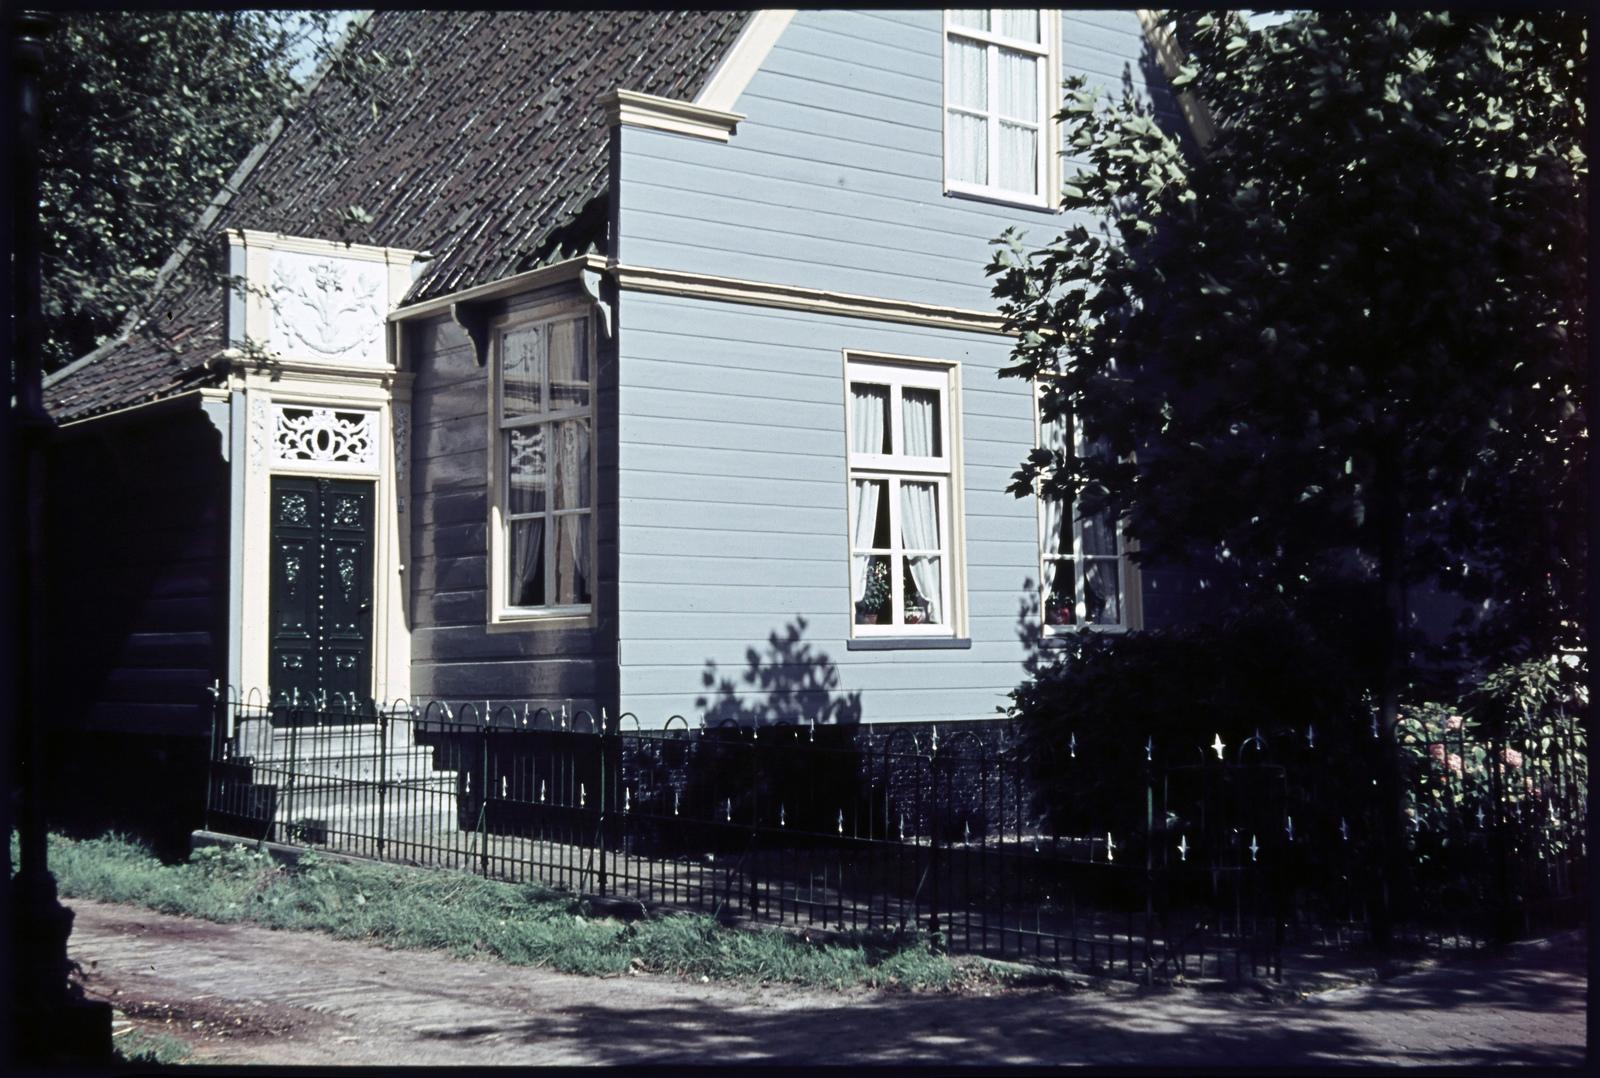 Woning met bewerkte deur en bovenlicht